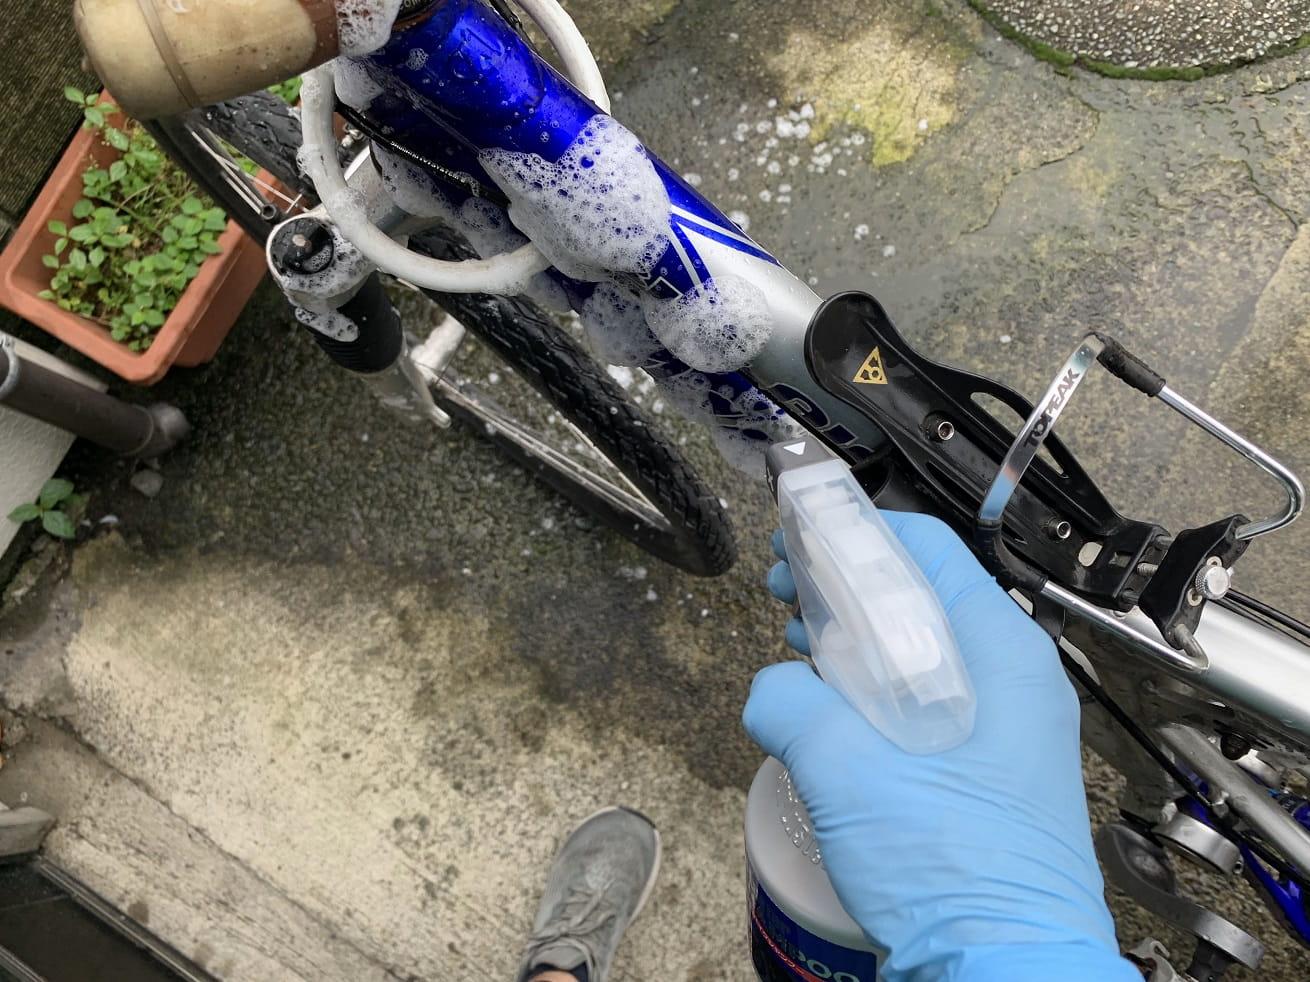 自転車洗車でシュアラスター「バイクシャンプー」噴射ノズル大で使用中